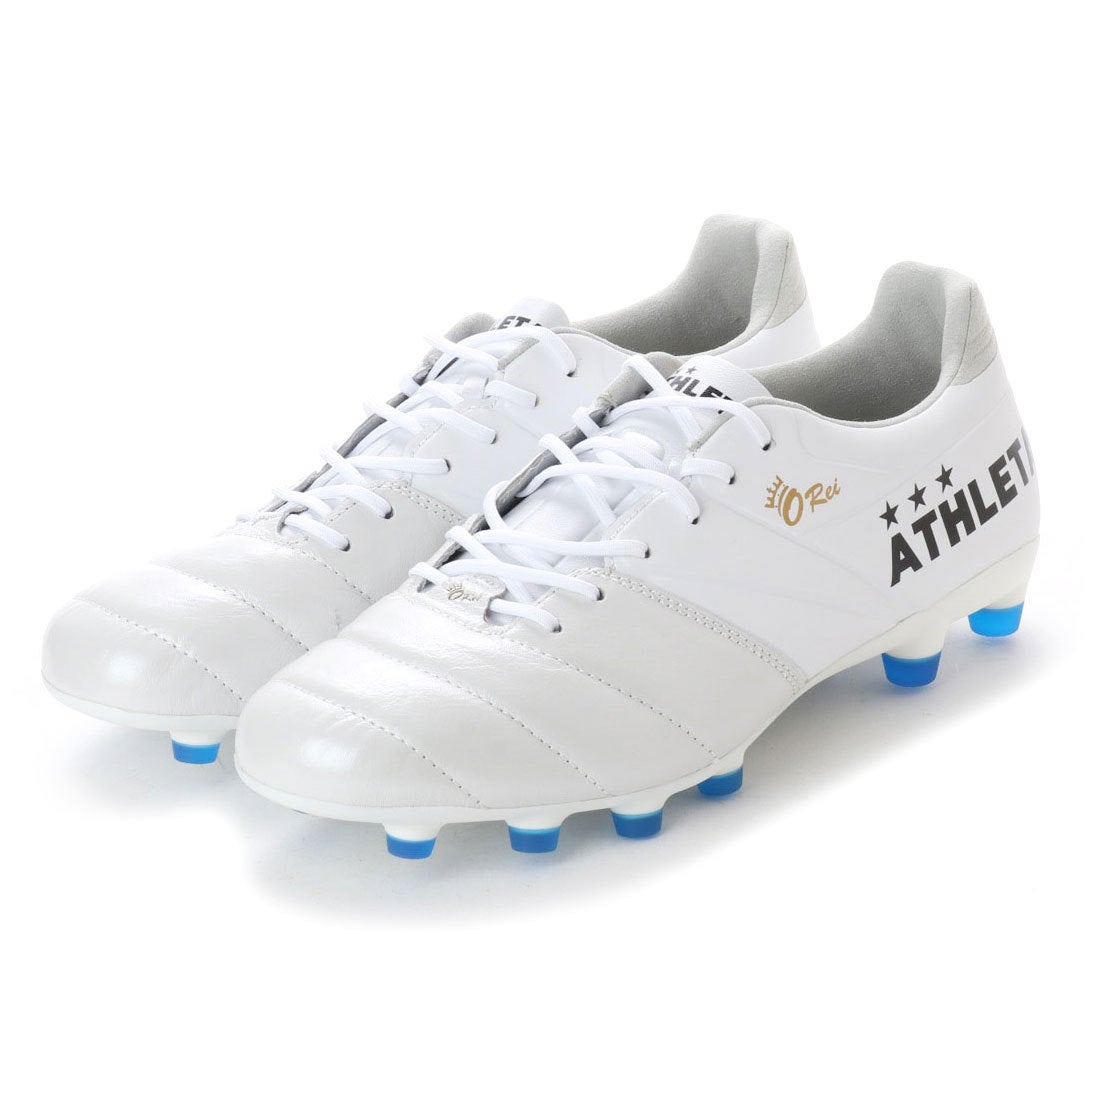 ロコンド 靴とファッションの通販サイトアスレタ ATHLETA サッカー スパイクシューズ オーヘイ フッチボール T003 10005